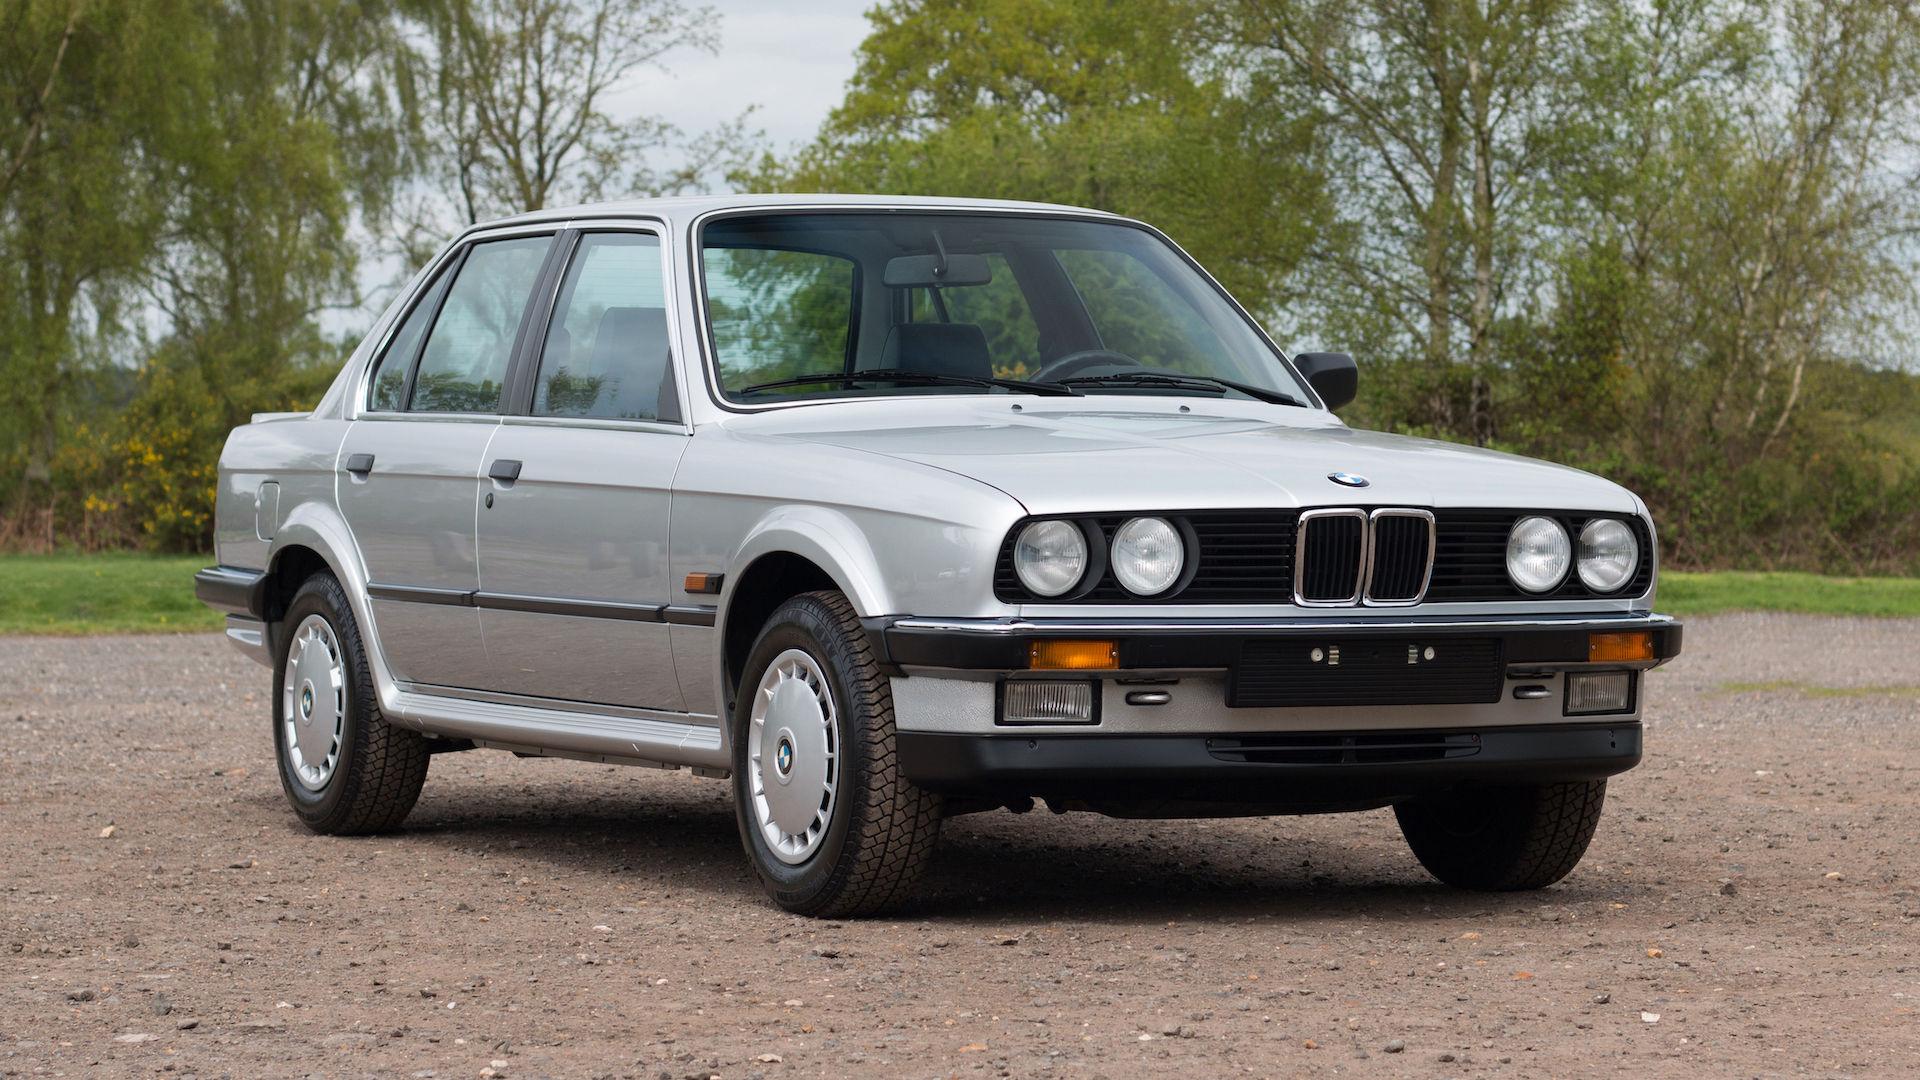 BMW 325iX från 1986 med 82 mil på mätaren till salu